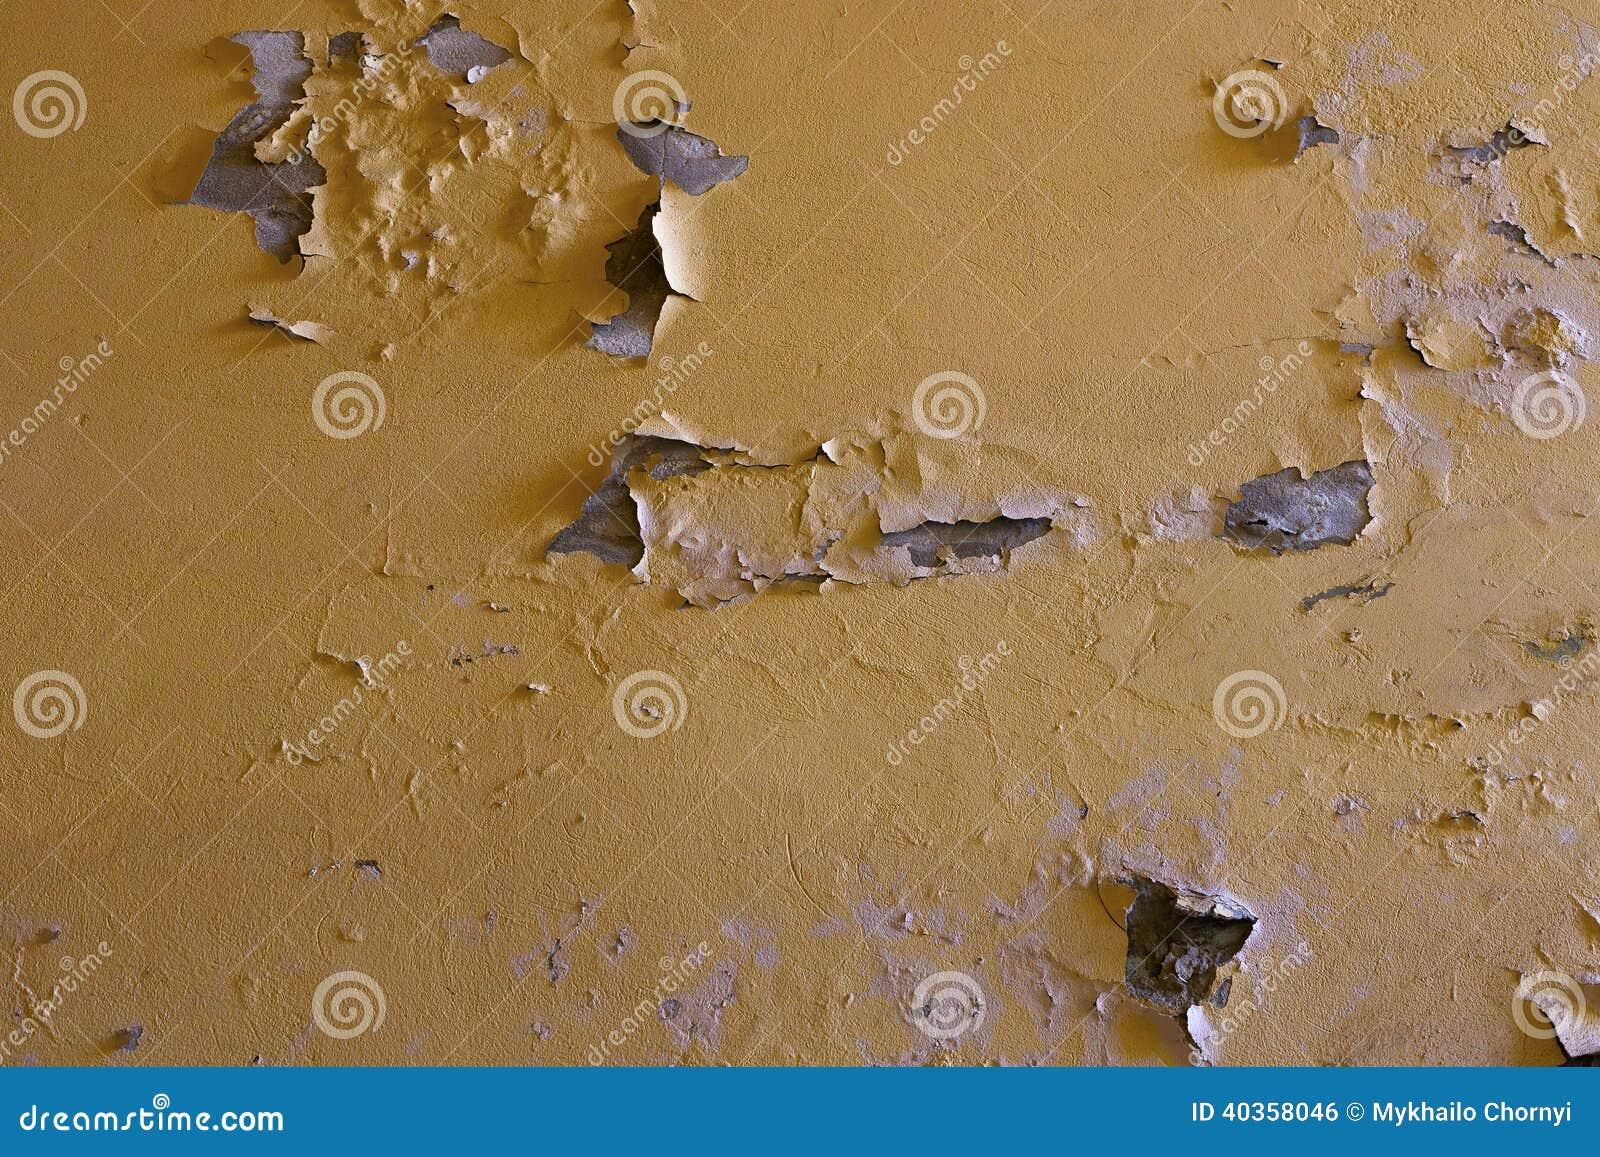 Top Verwitterte Gelbe Wand Mit Flecken Stockfoto - Bild von flecke LL23